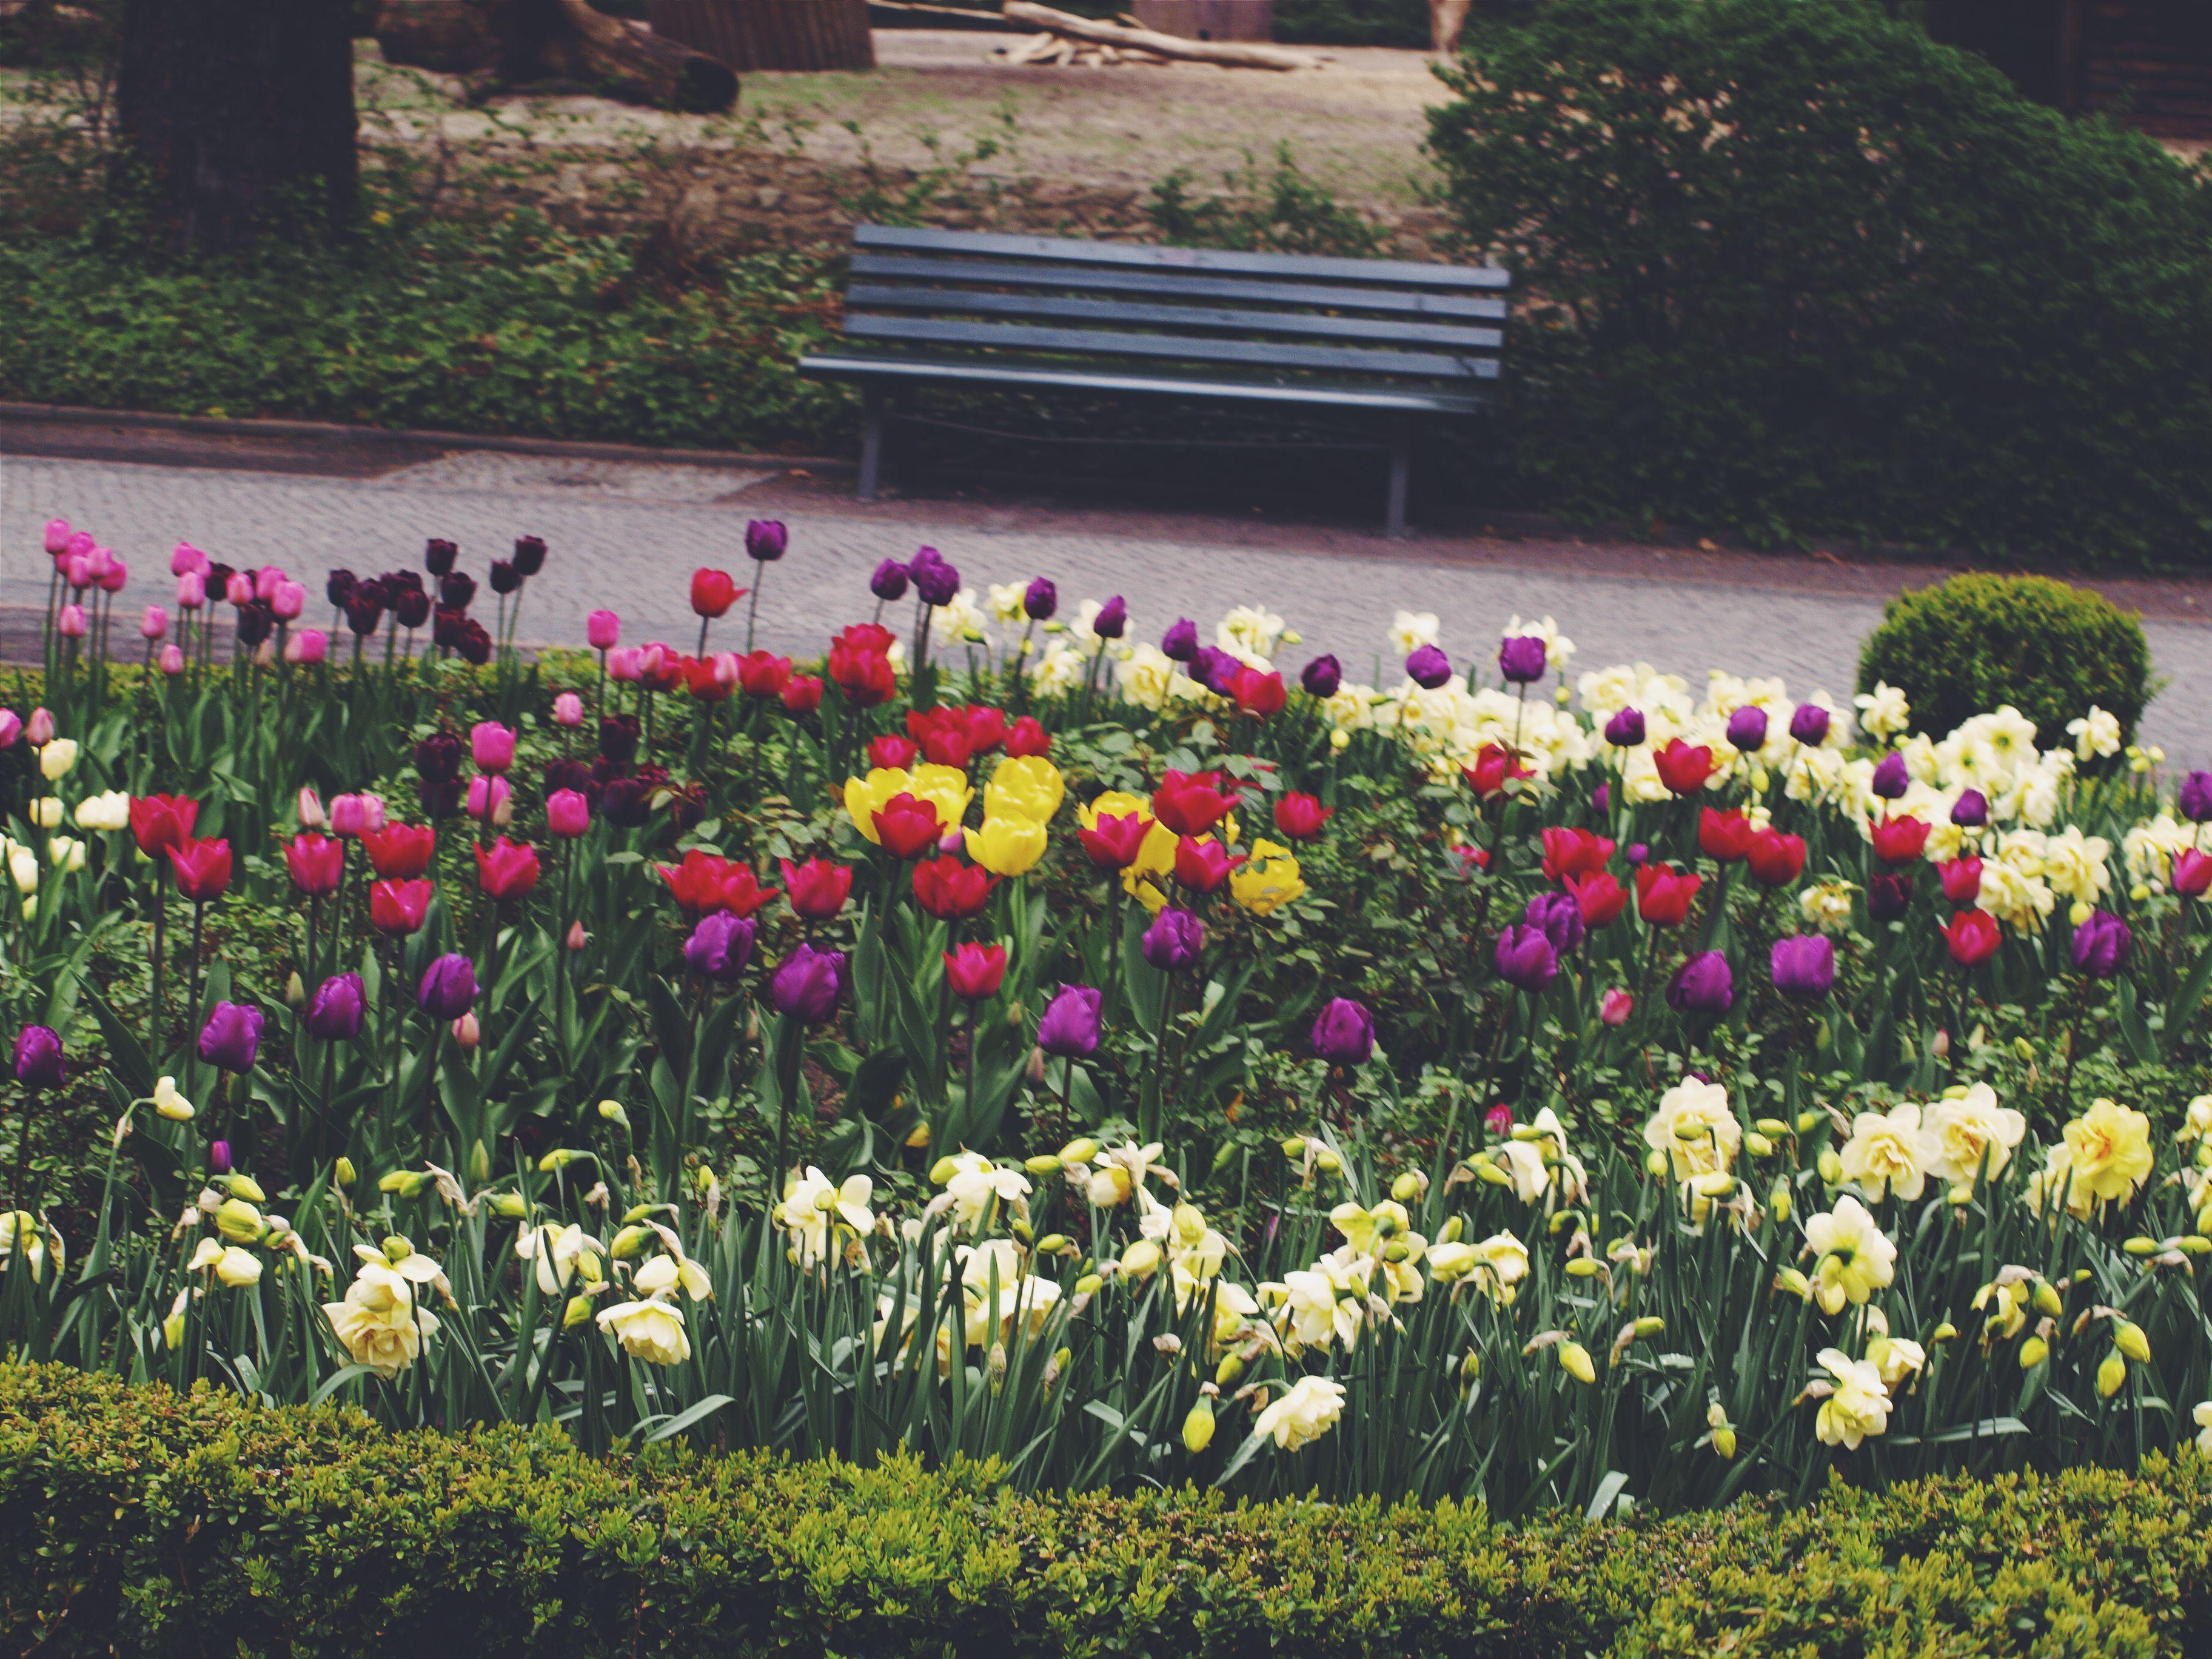 Springtime in Berlin